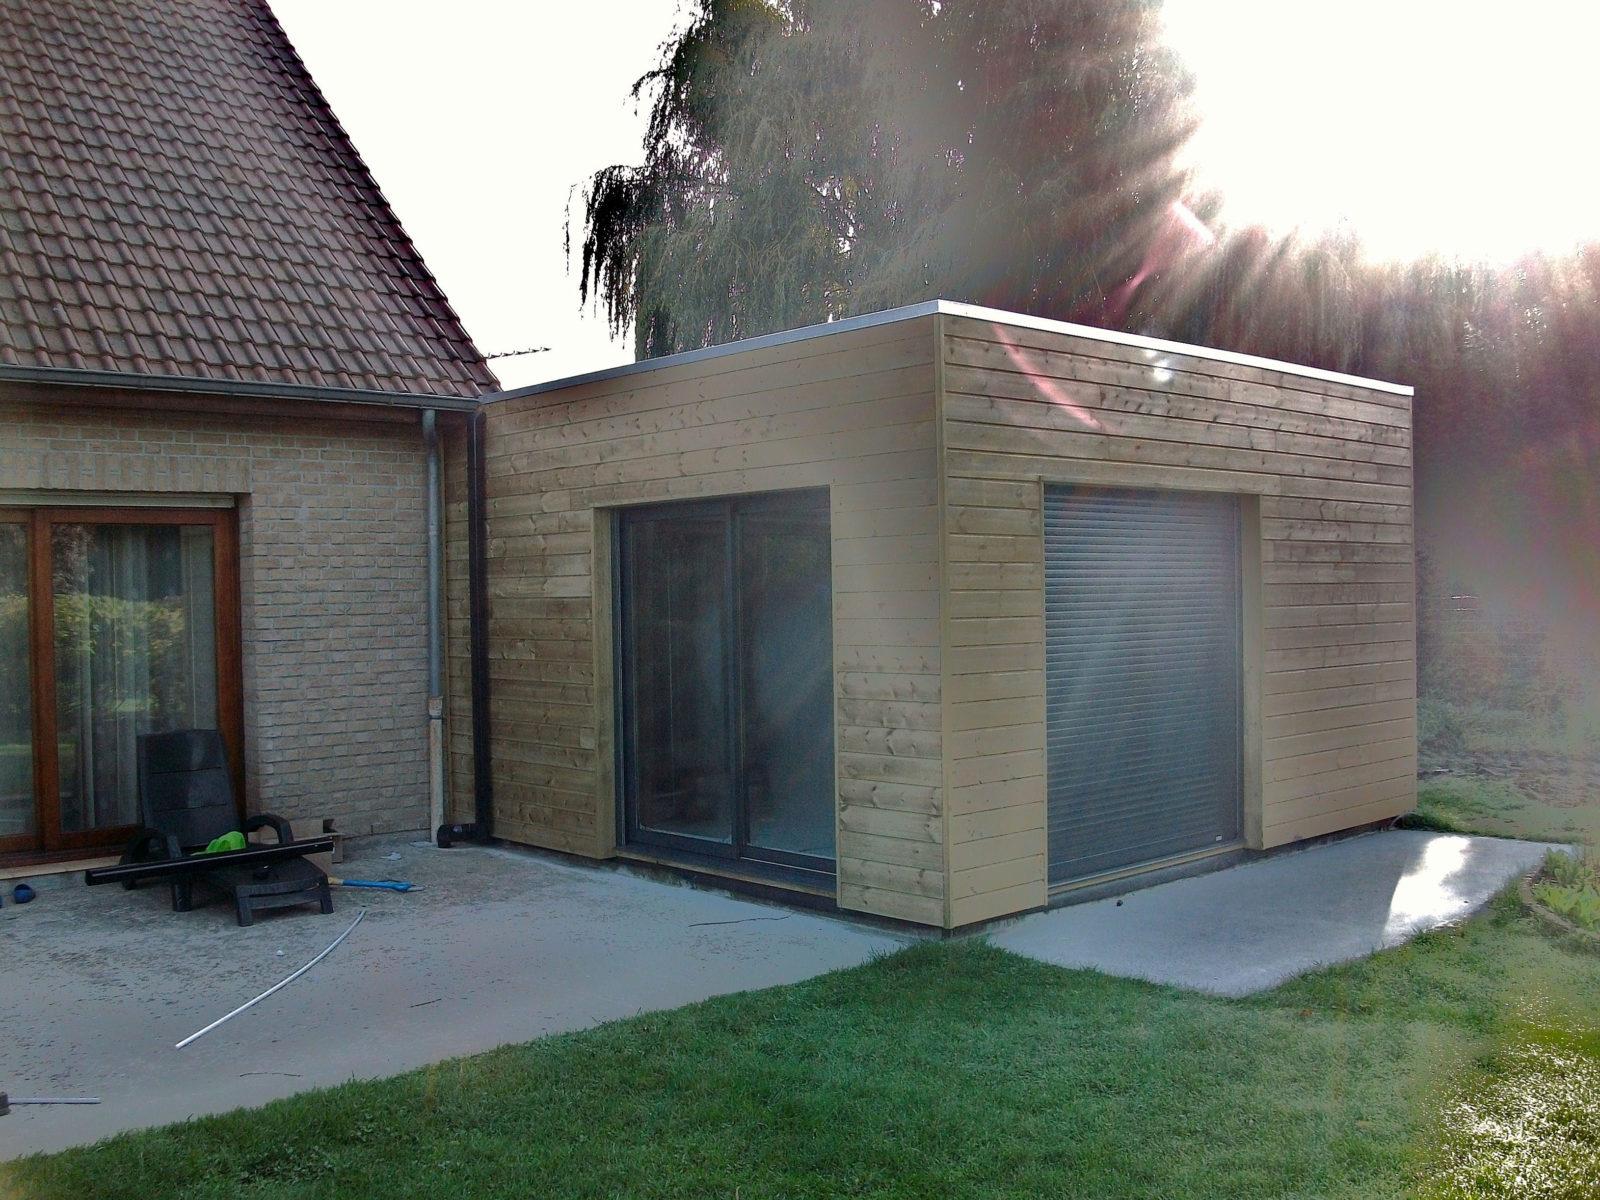 Quel coût pour une extension bois ?